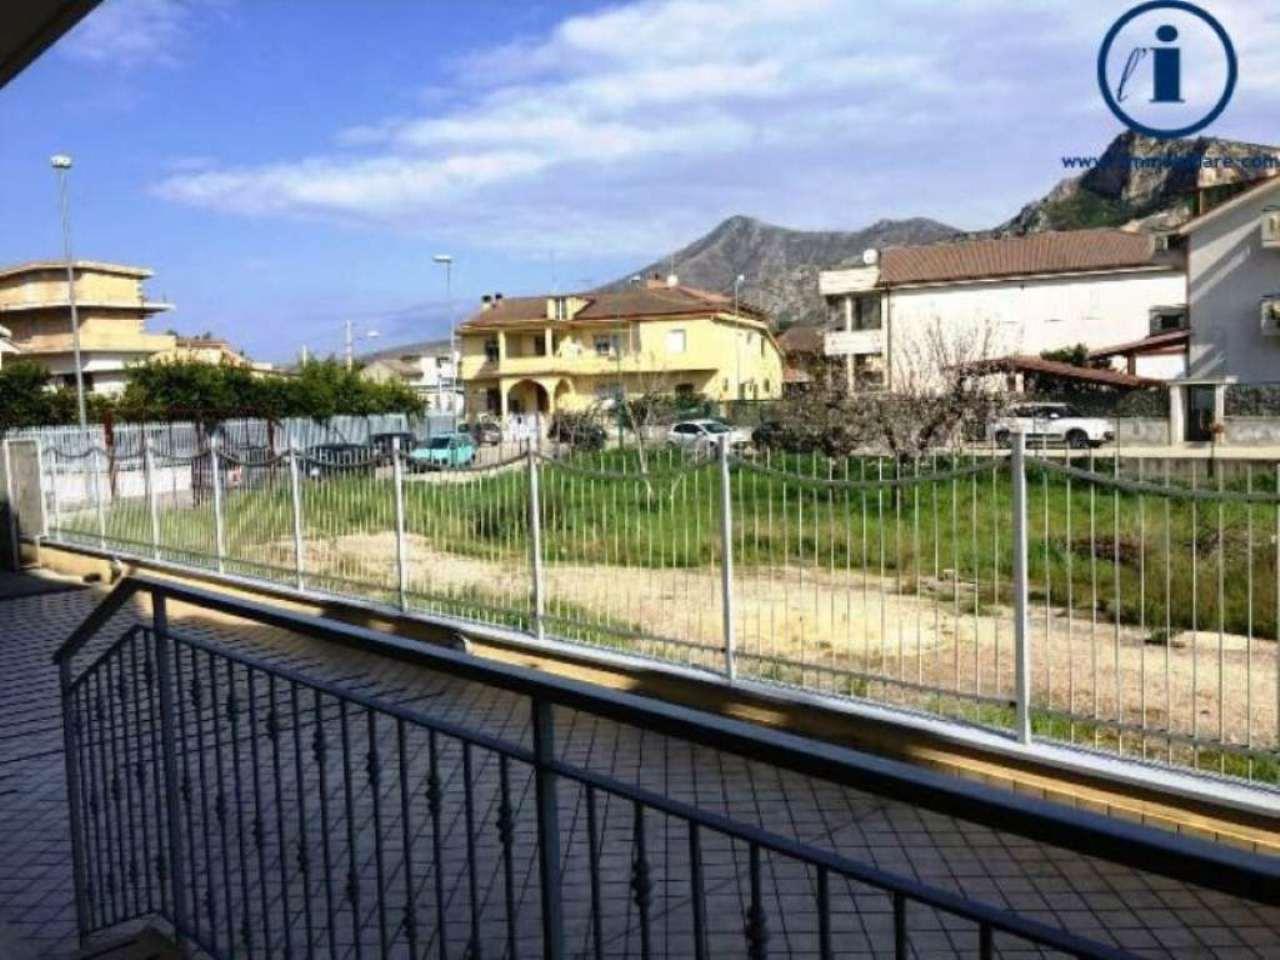 San Prisco Vendita APPARTAMENTO Immagine 3